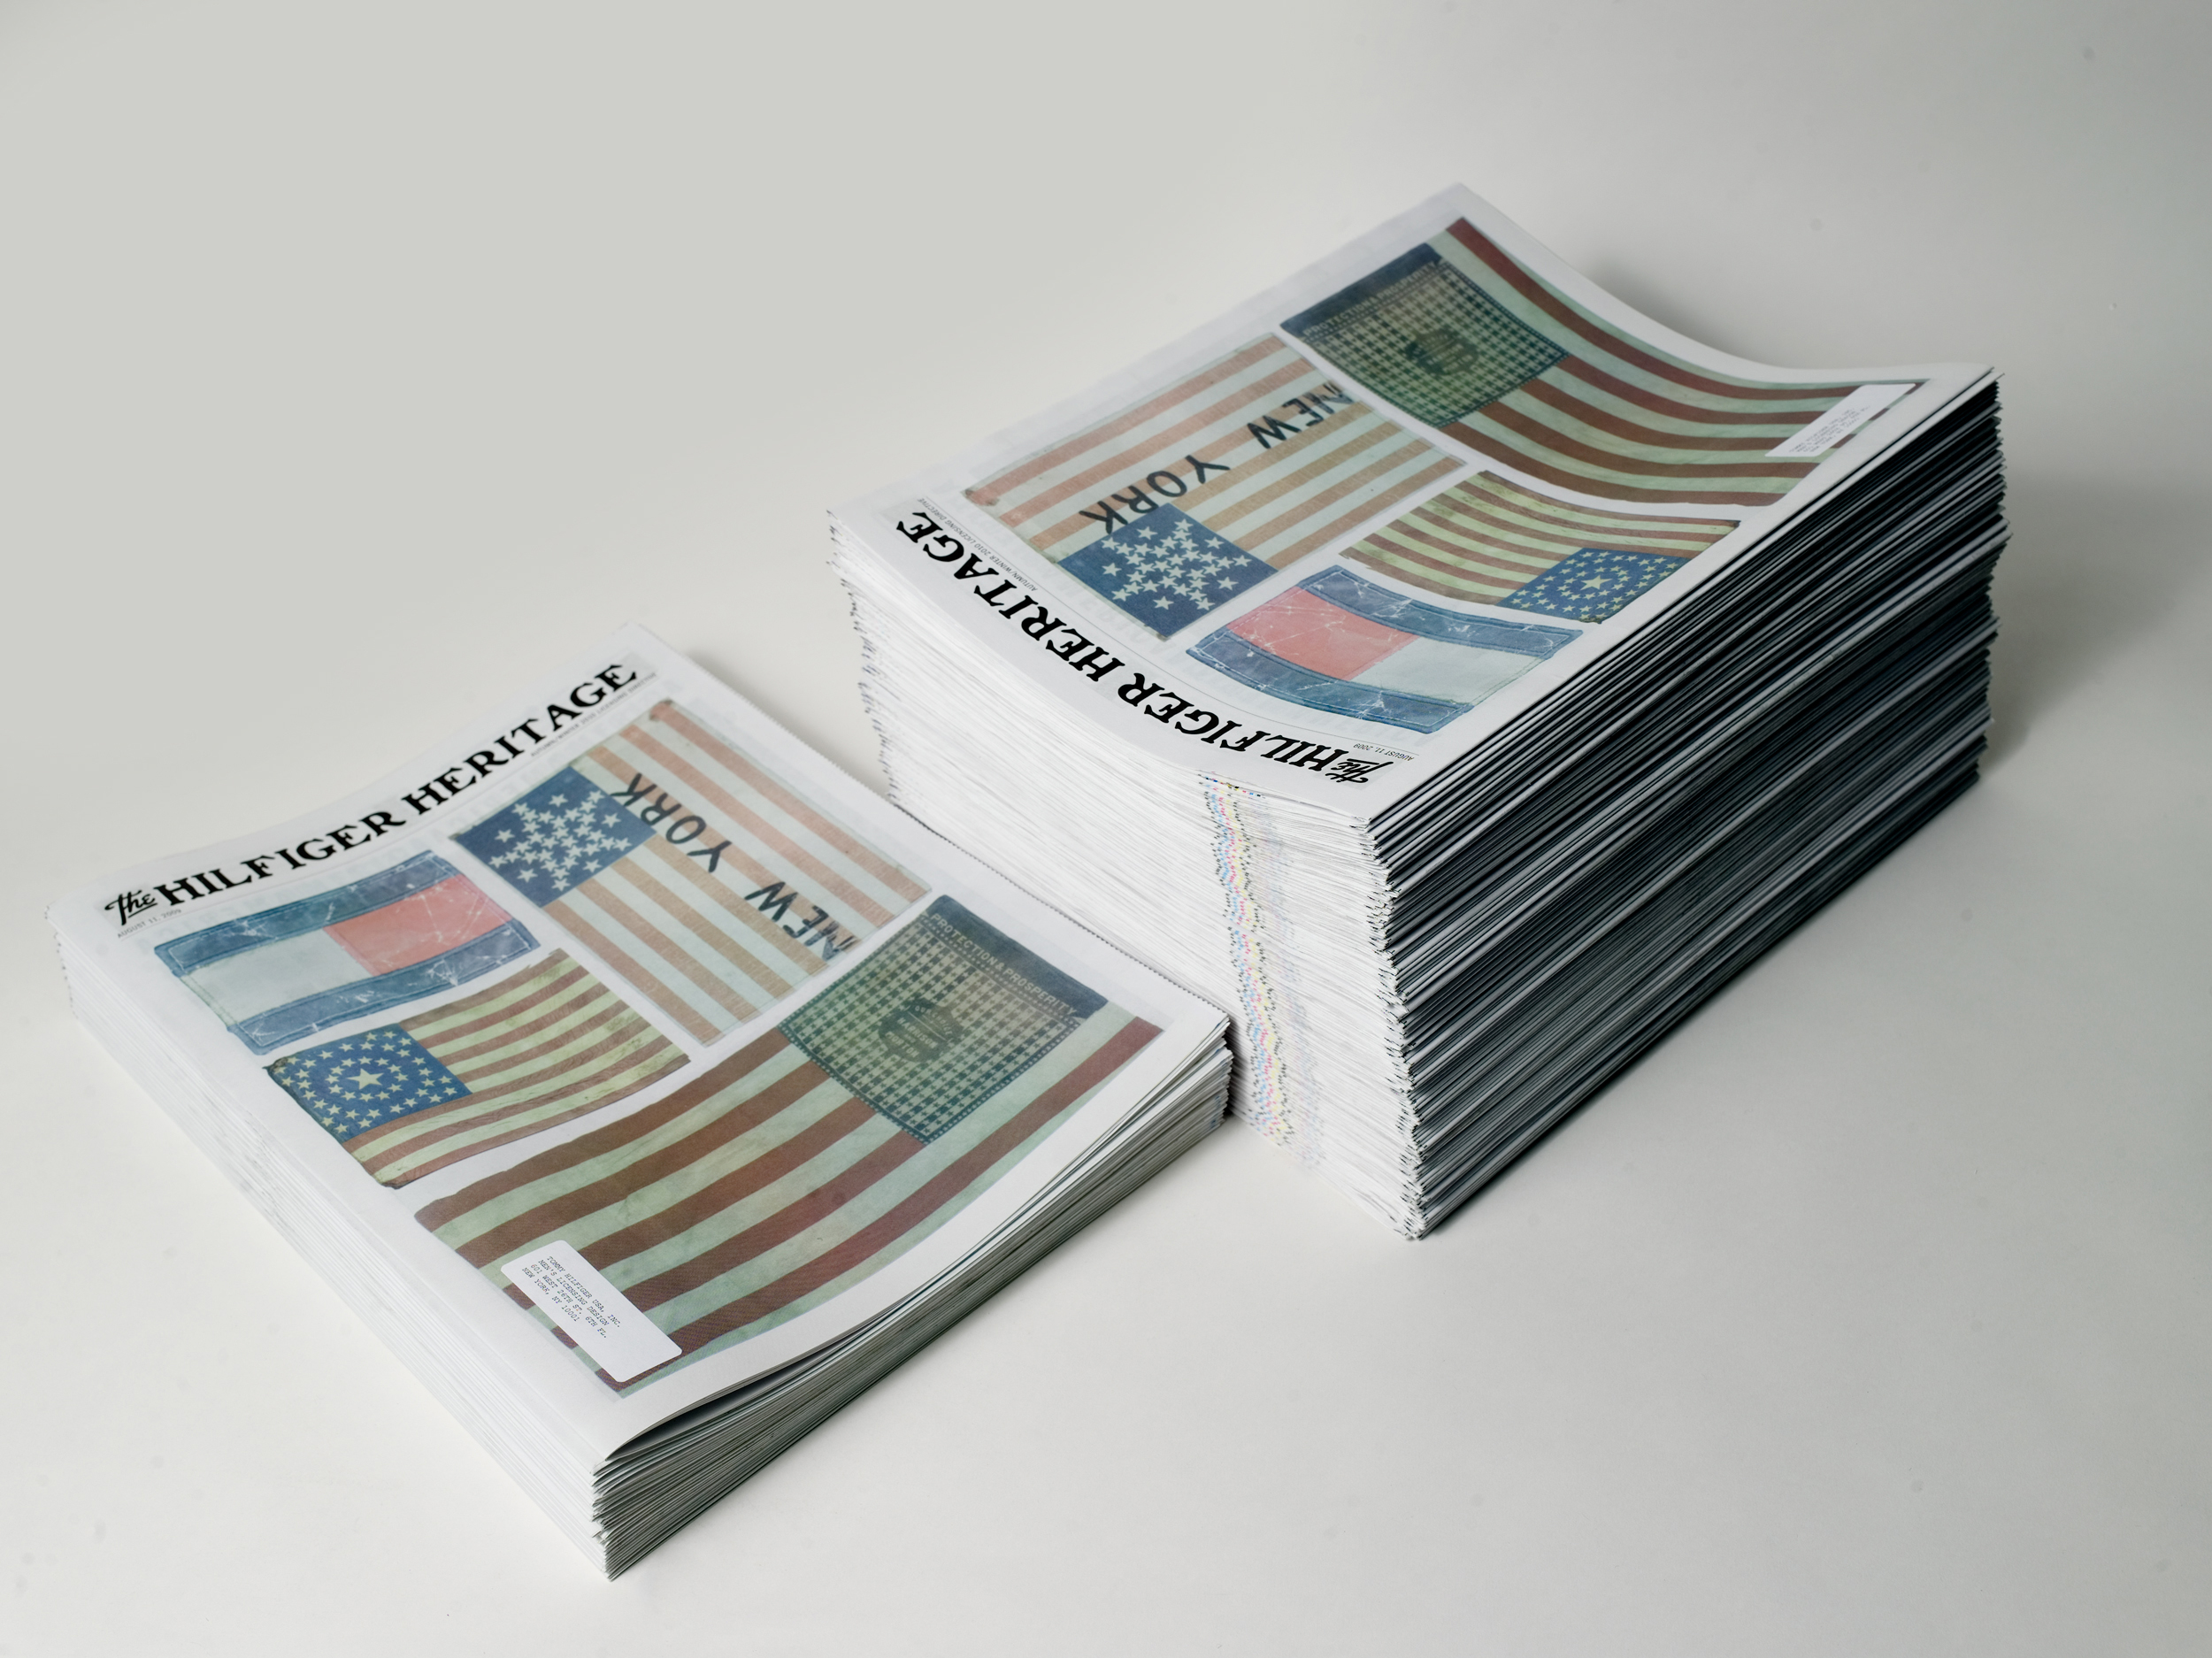 Newspapers_012.jpg